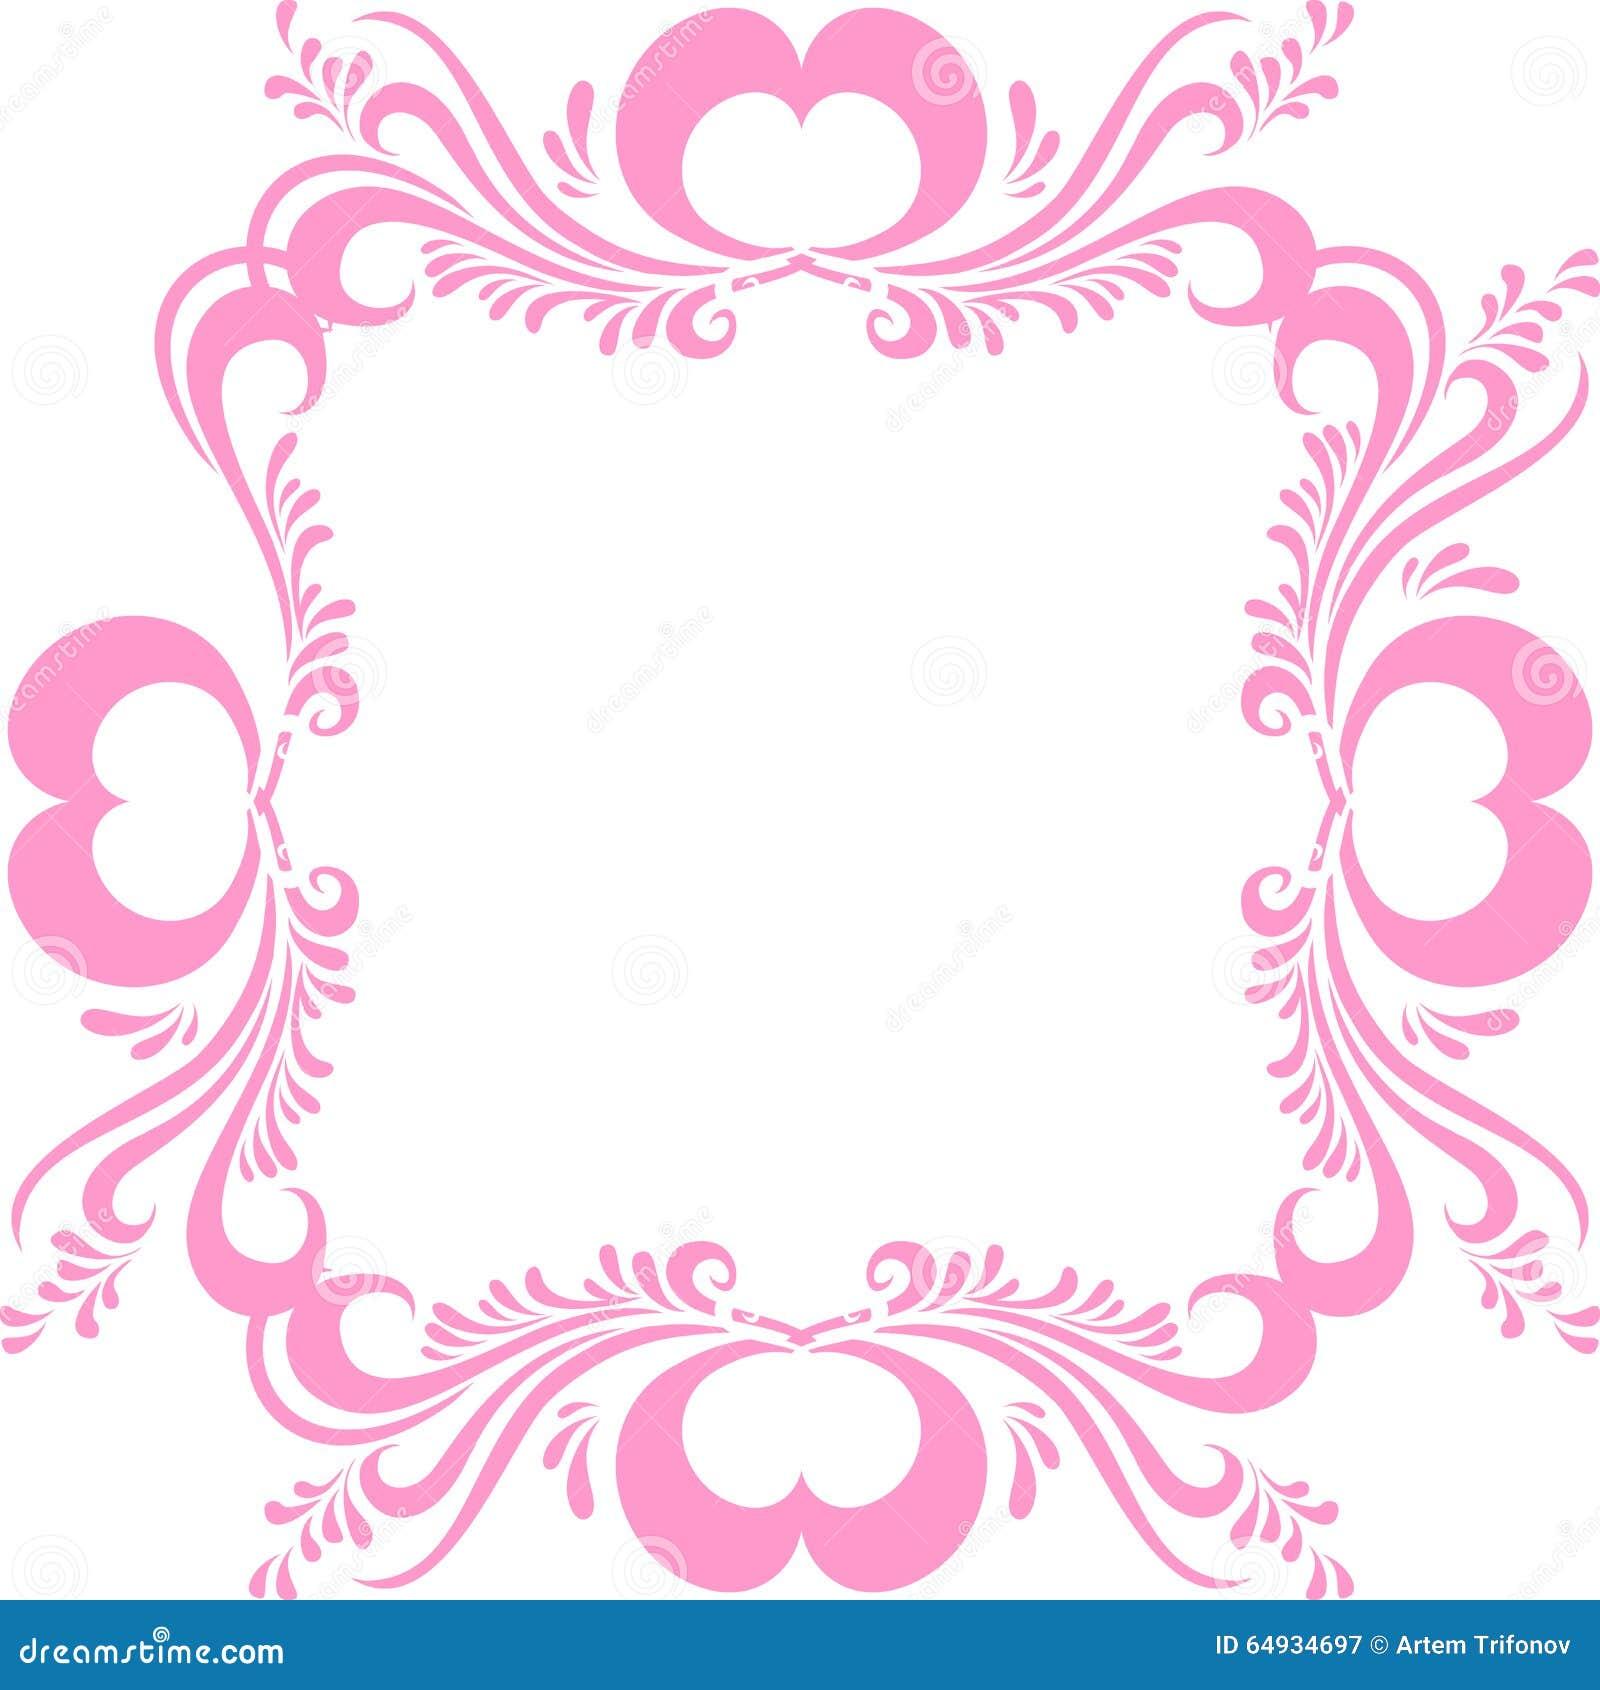 Stilisierter Rosa Bilderrahmen, Mit Aufwändigem Muster Und Herzen ...